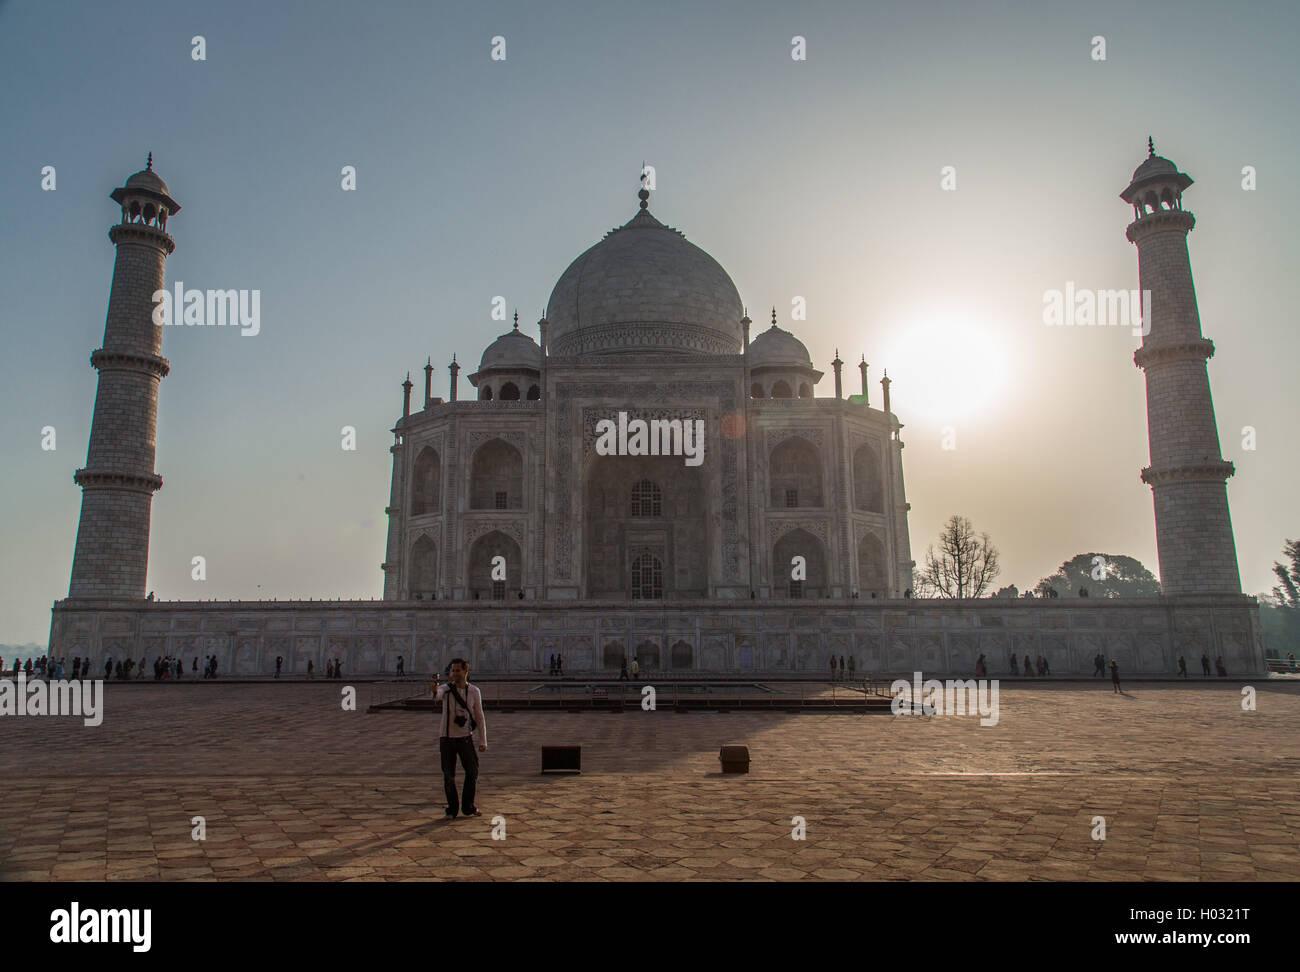 AGRA, India - 28 febbraio 2015: vista retroilluminato del Taj Mahal dal lato ovest con turistica prendendo selfie. Immagini Stock